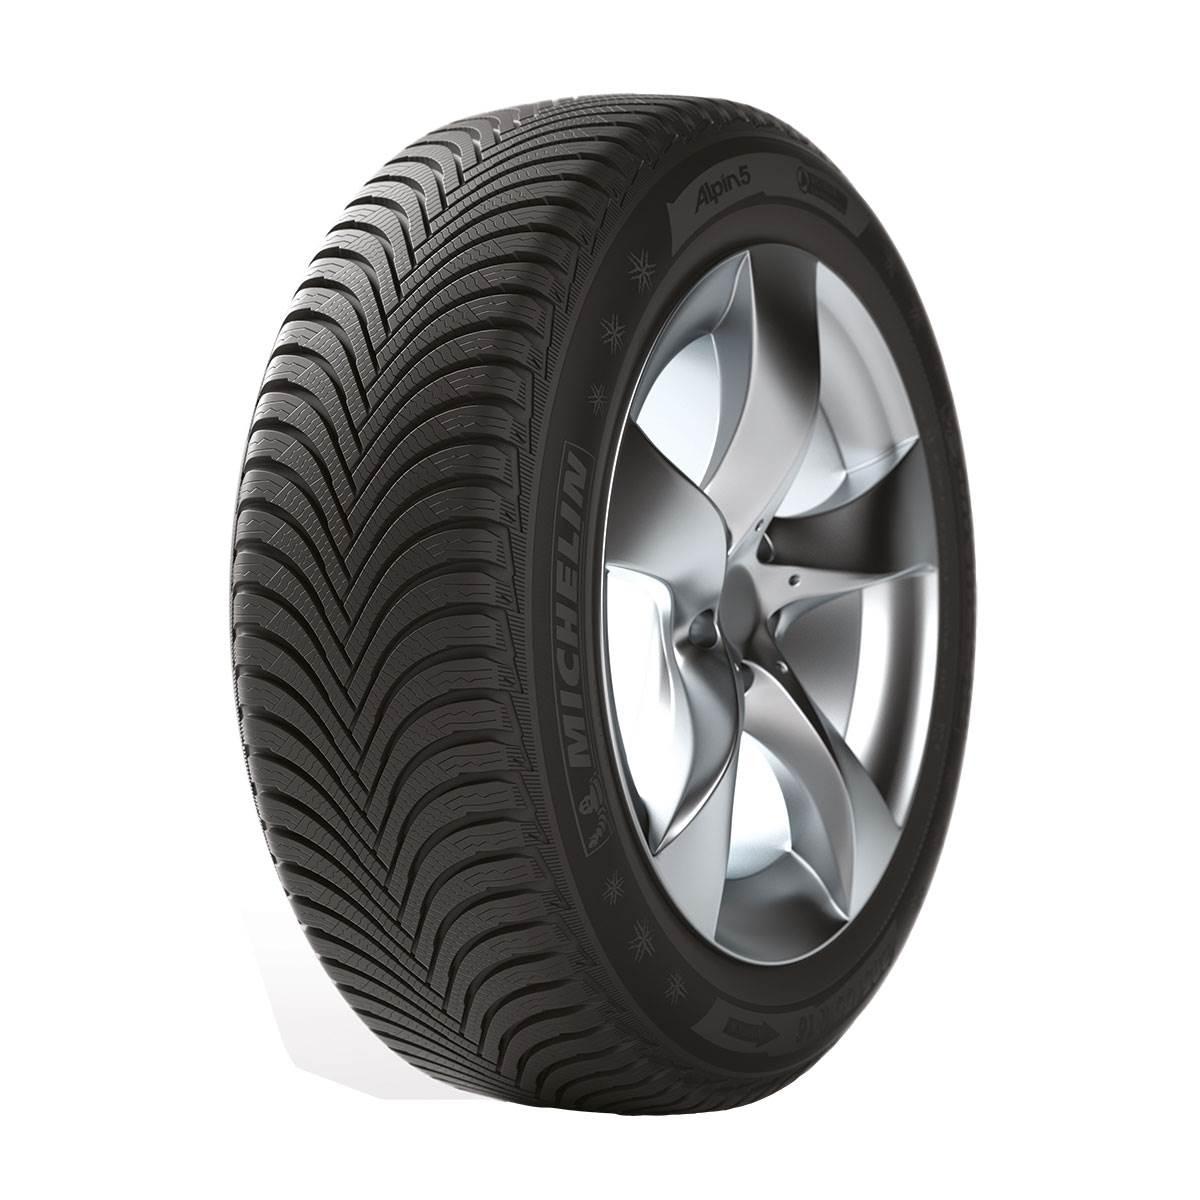 Pneu Hiver Michelin 225/60R16 102H Alpin A5 XL